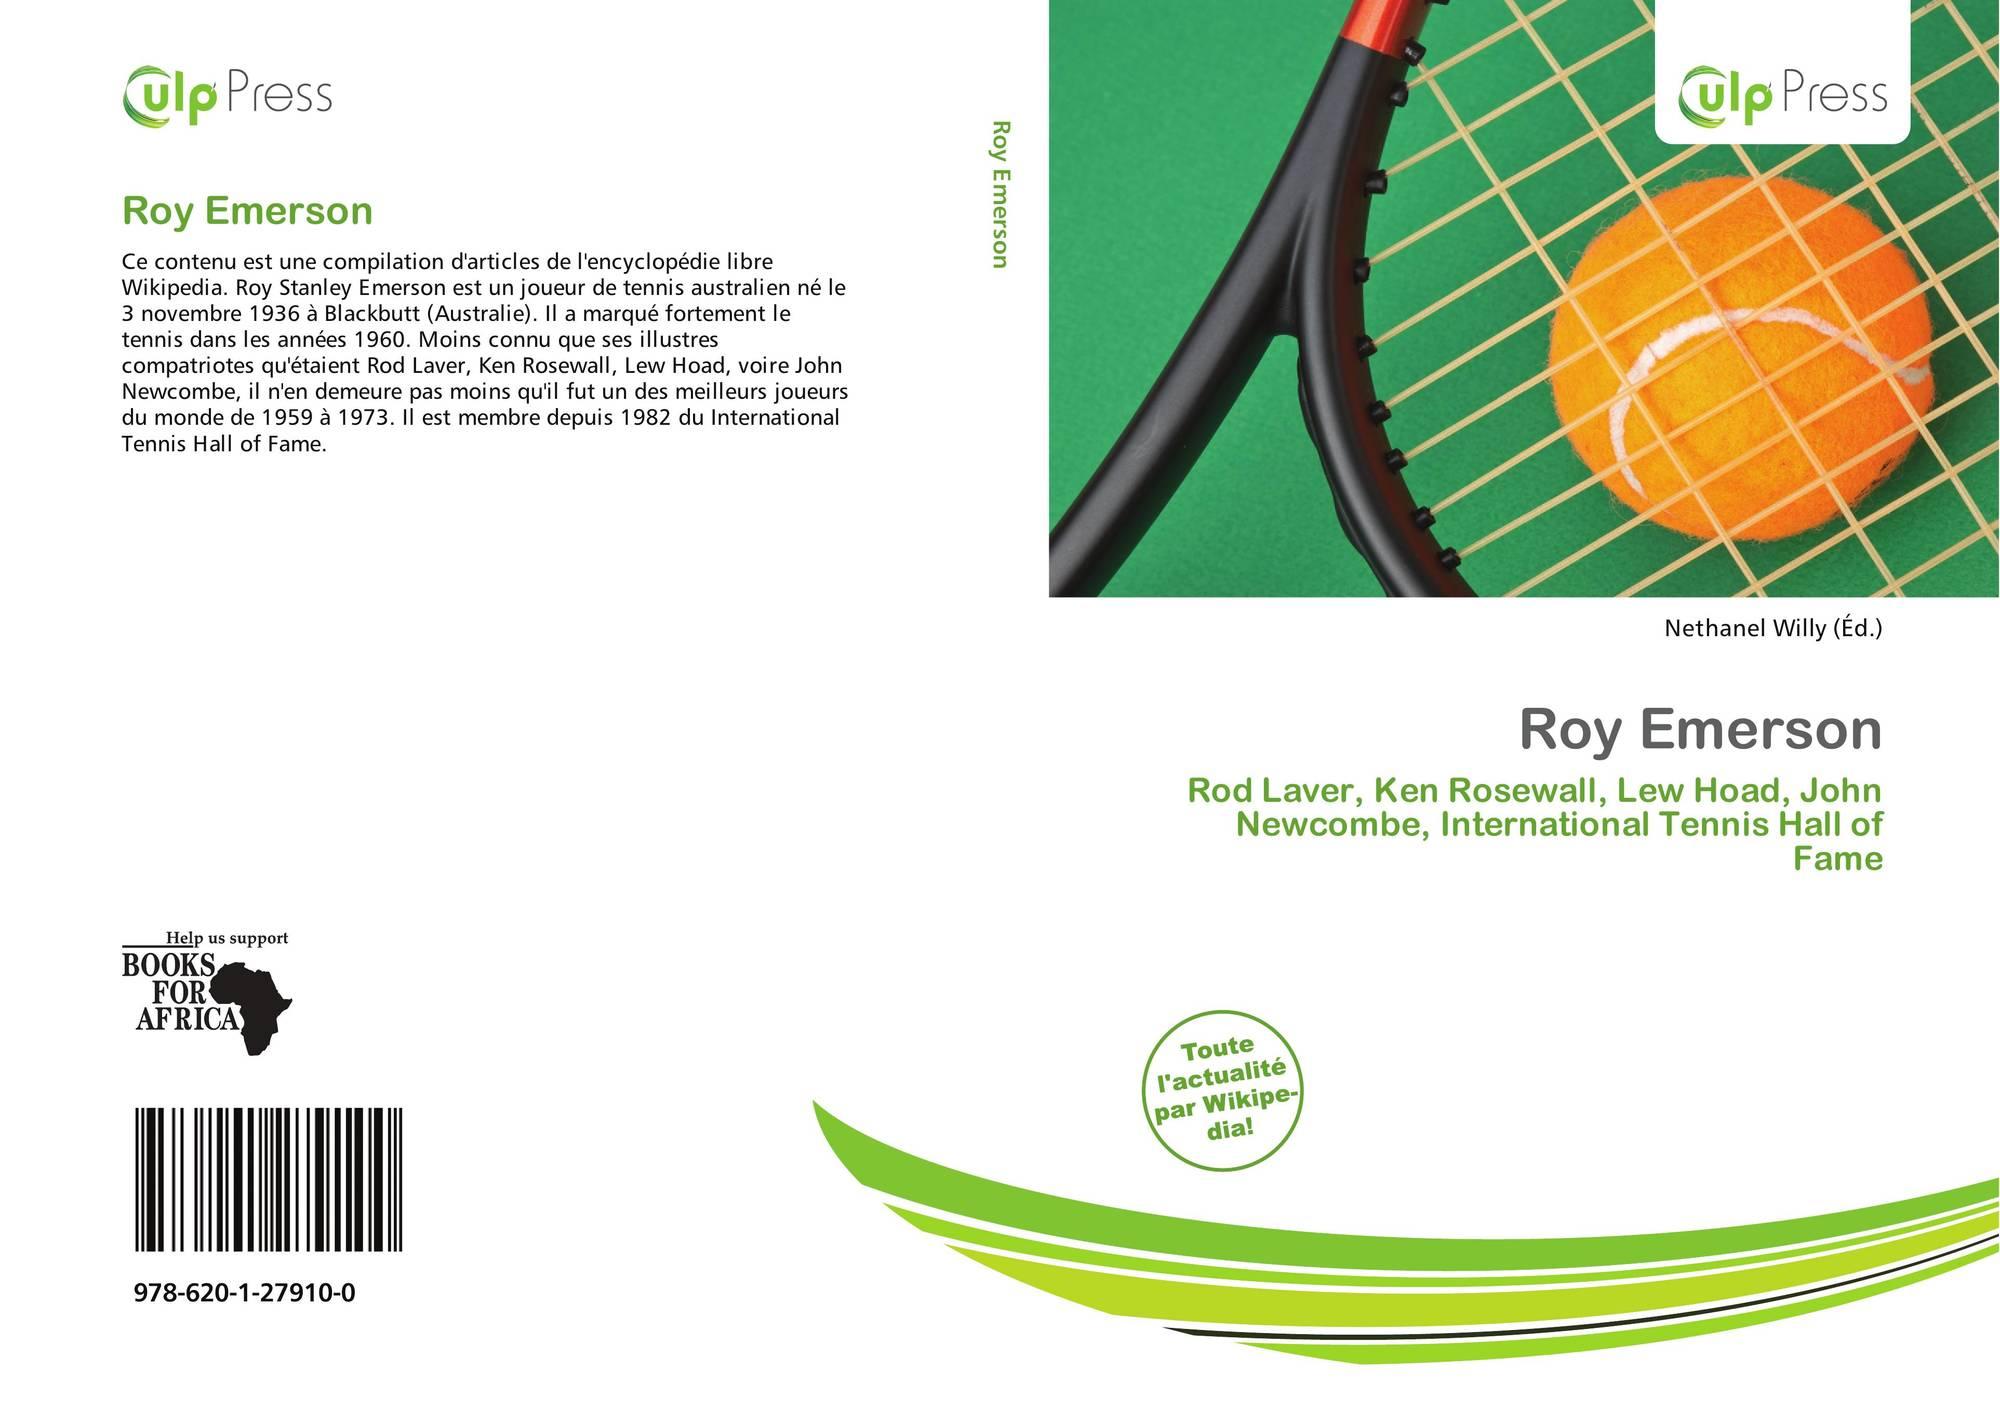 Roy Emerson 978 620 1 27910 0 6201279105 9786201279100